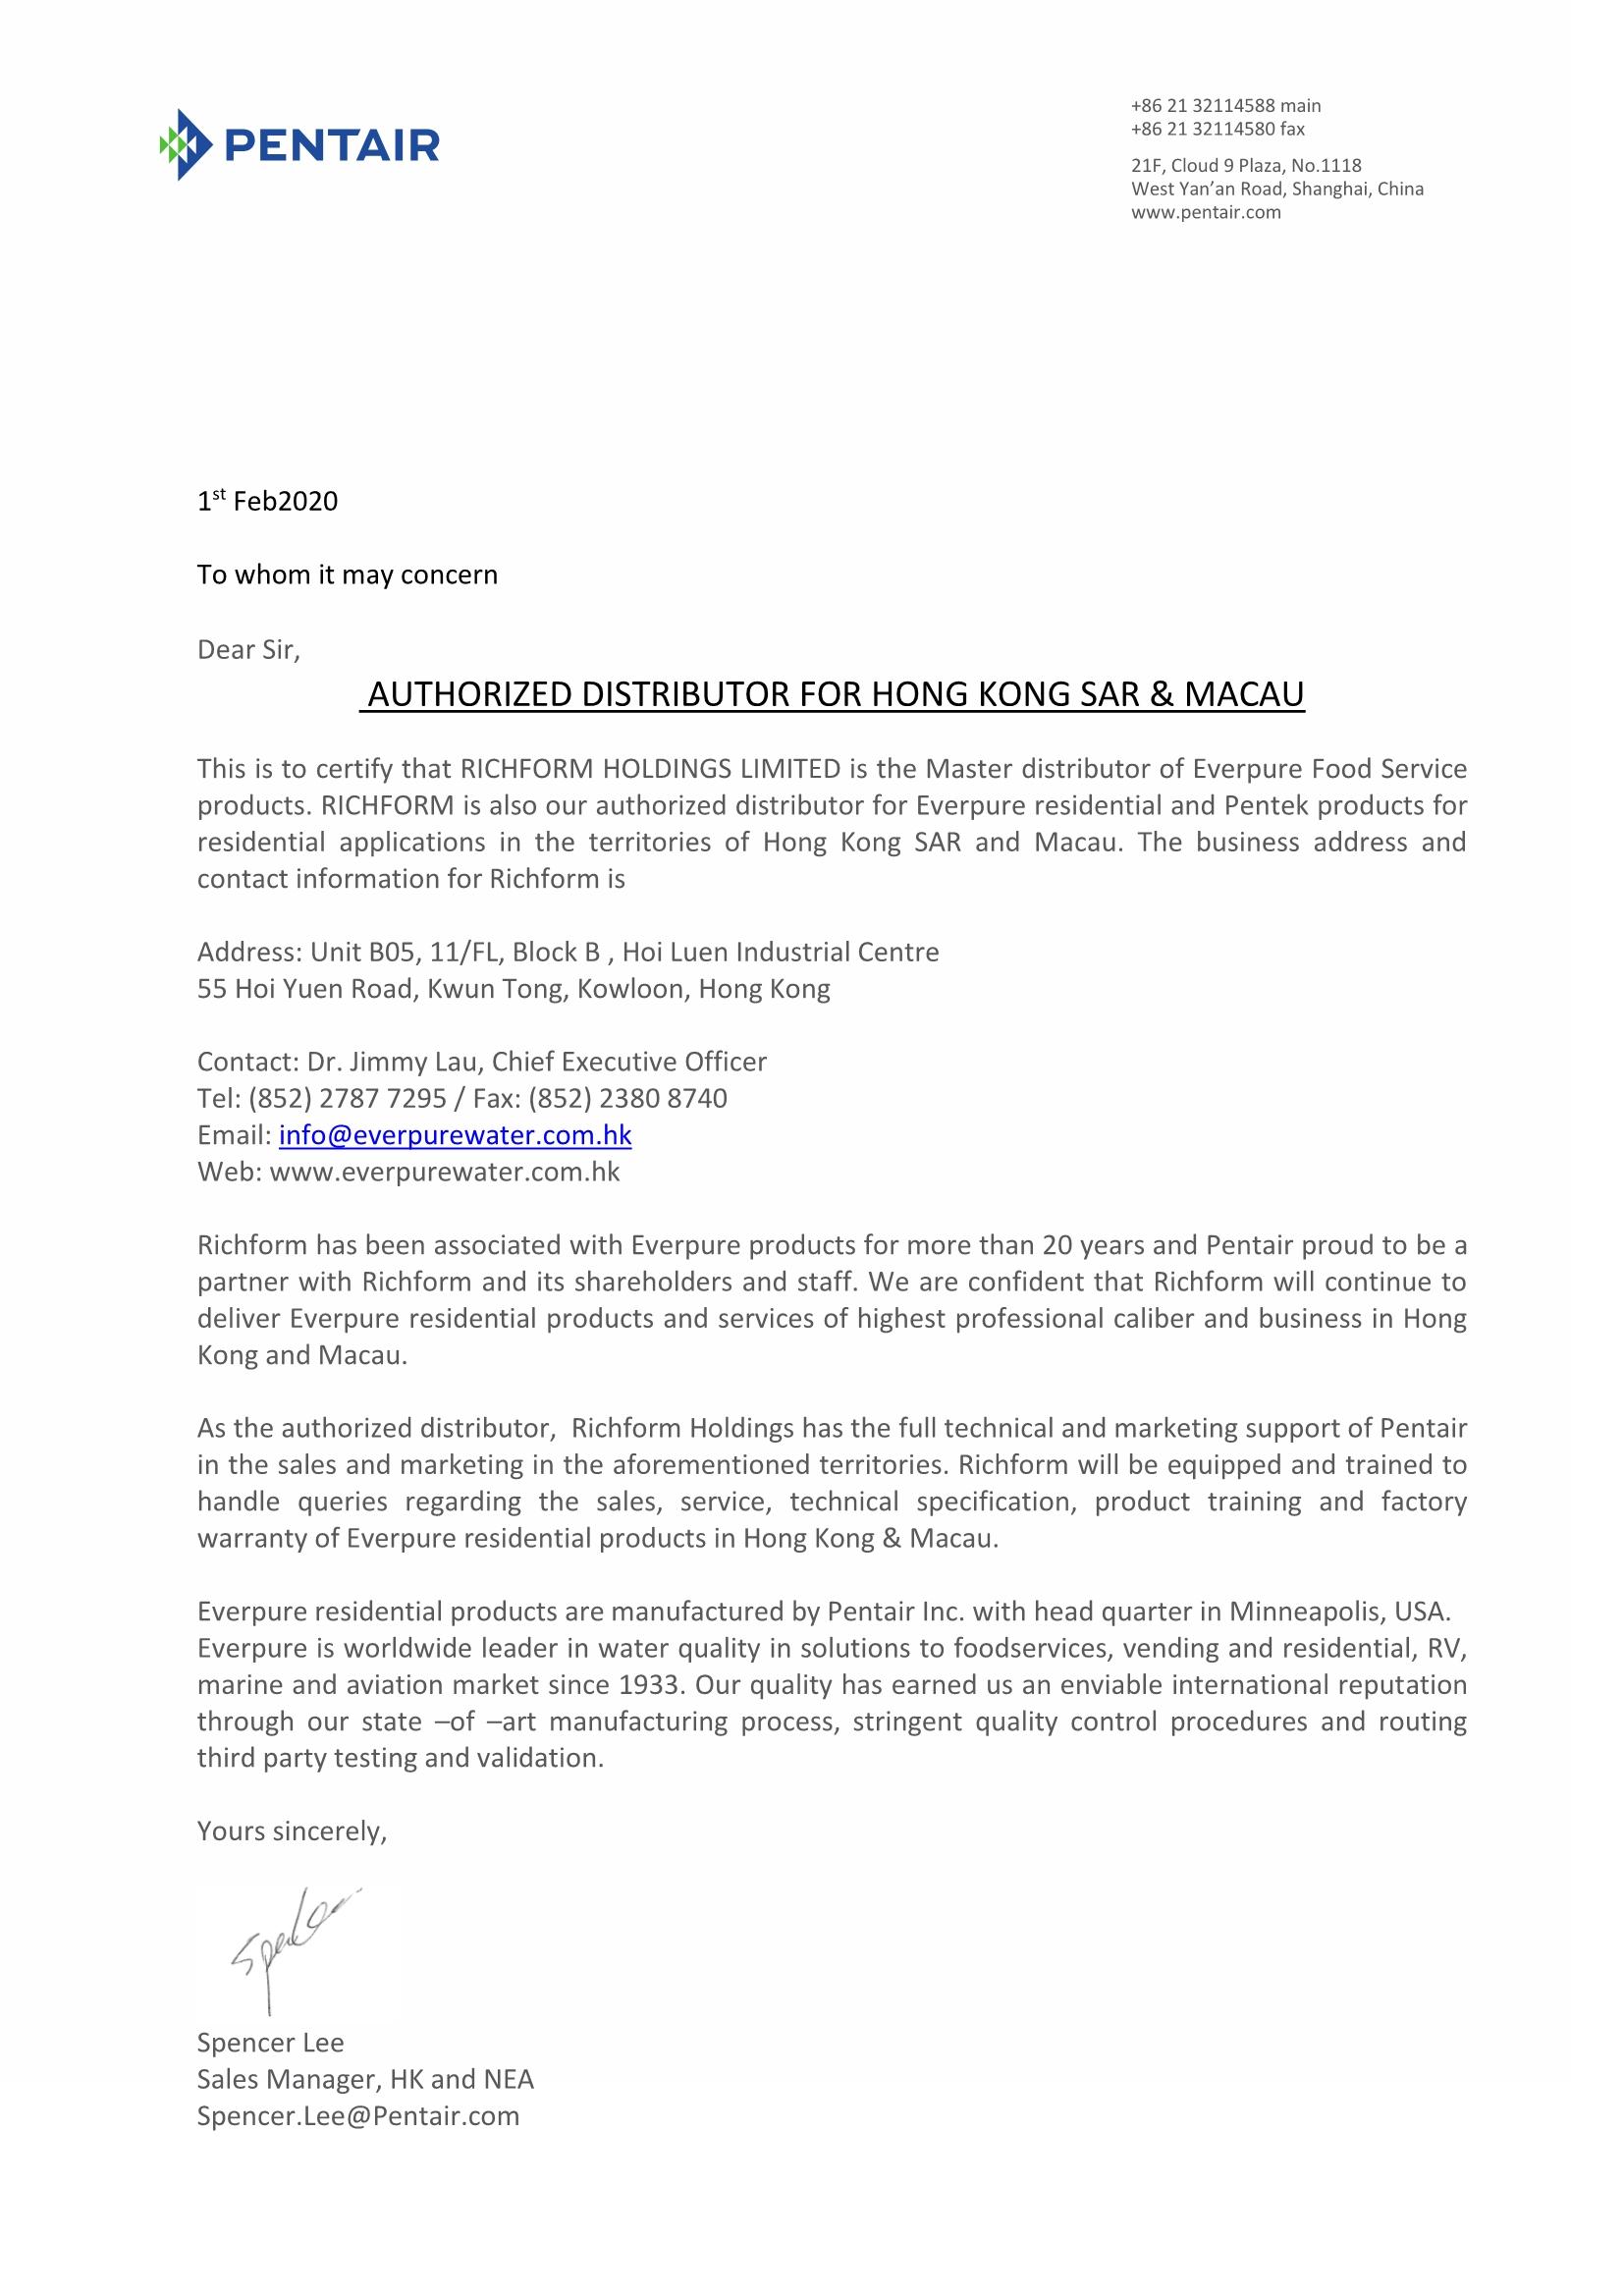 Authorized Distributor for Hong Kong Sar & Macau